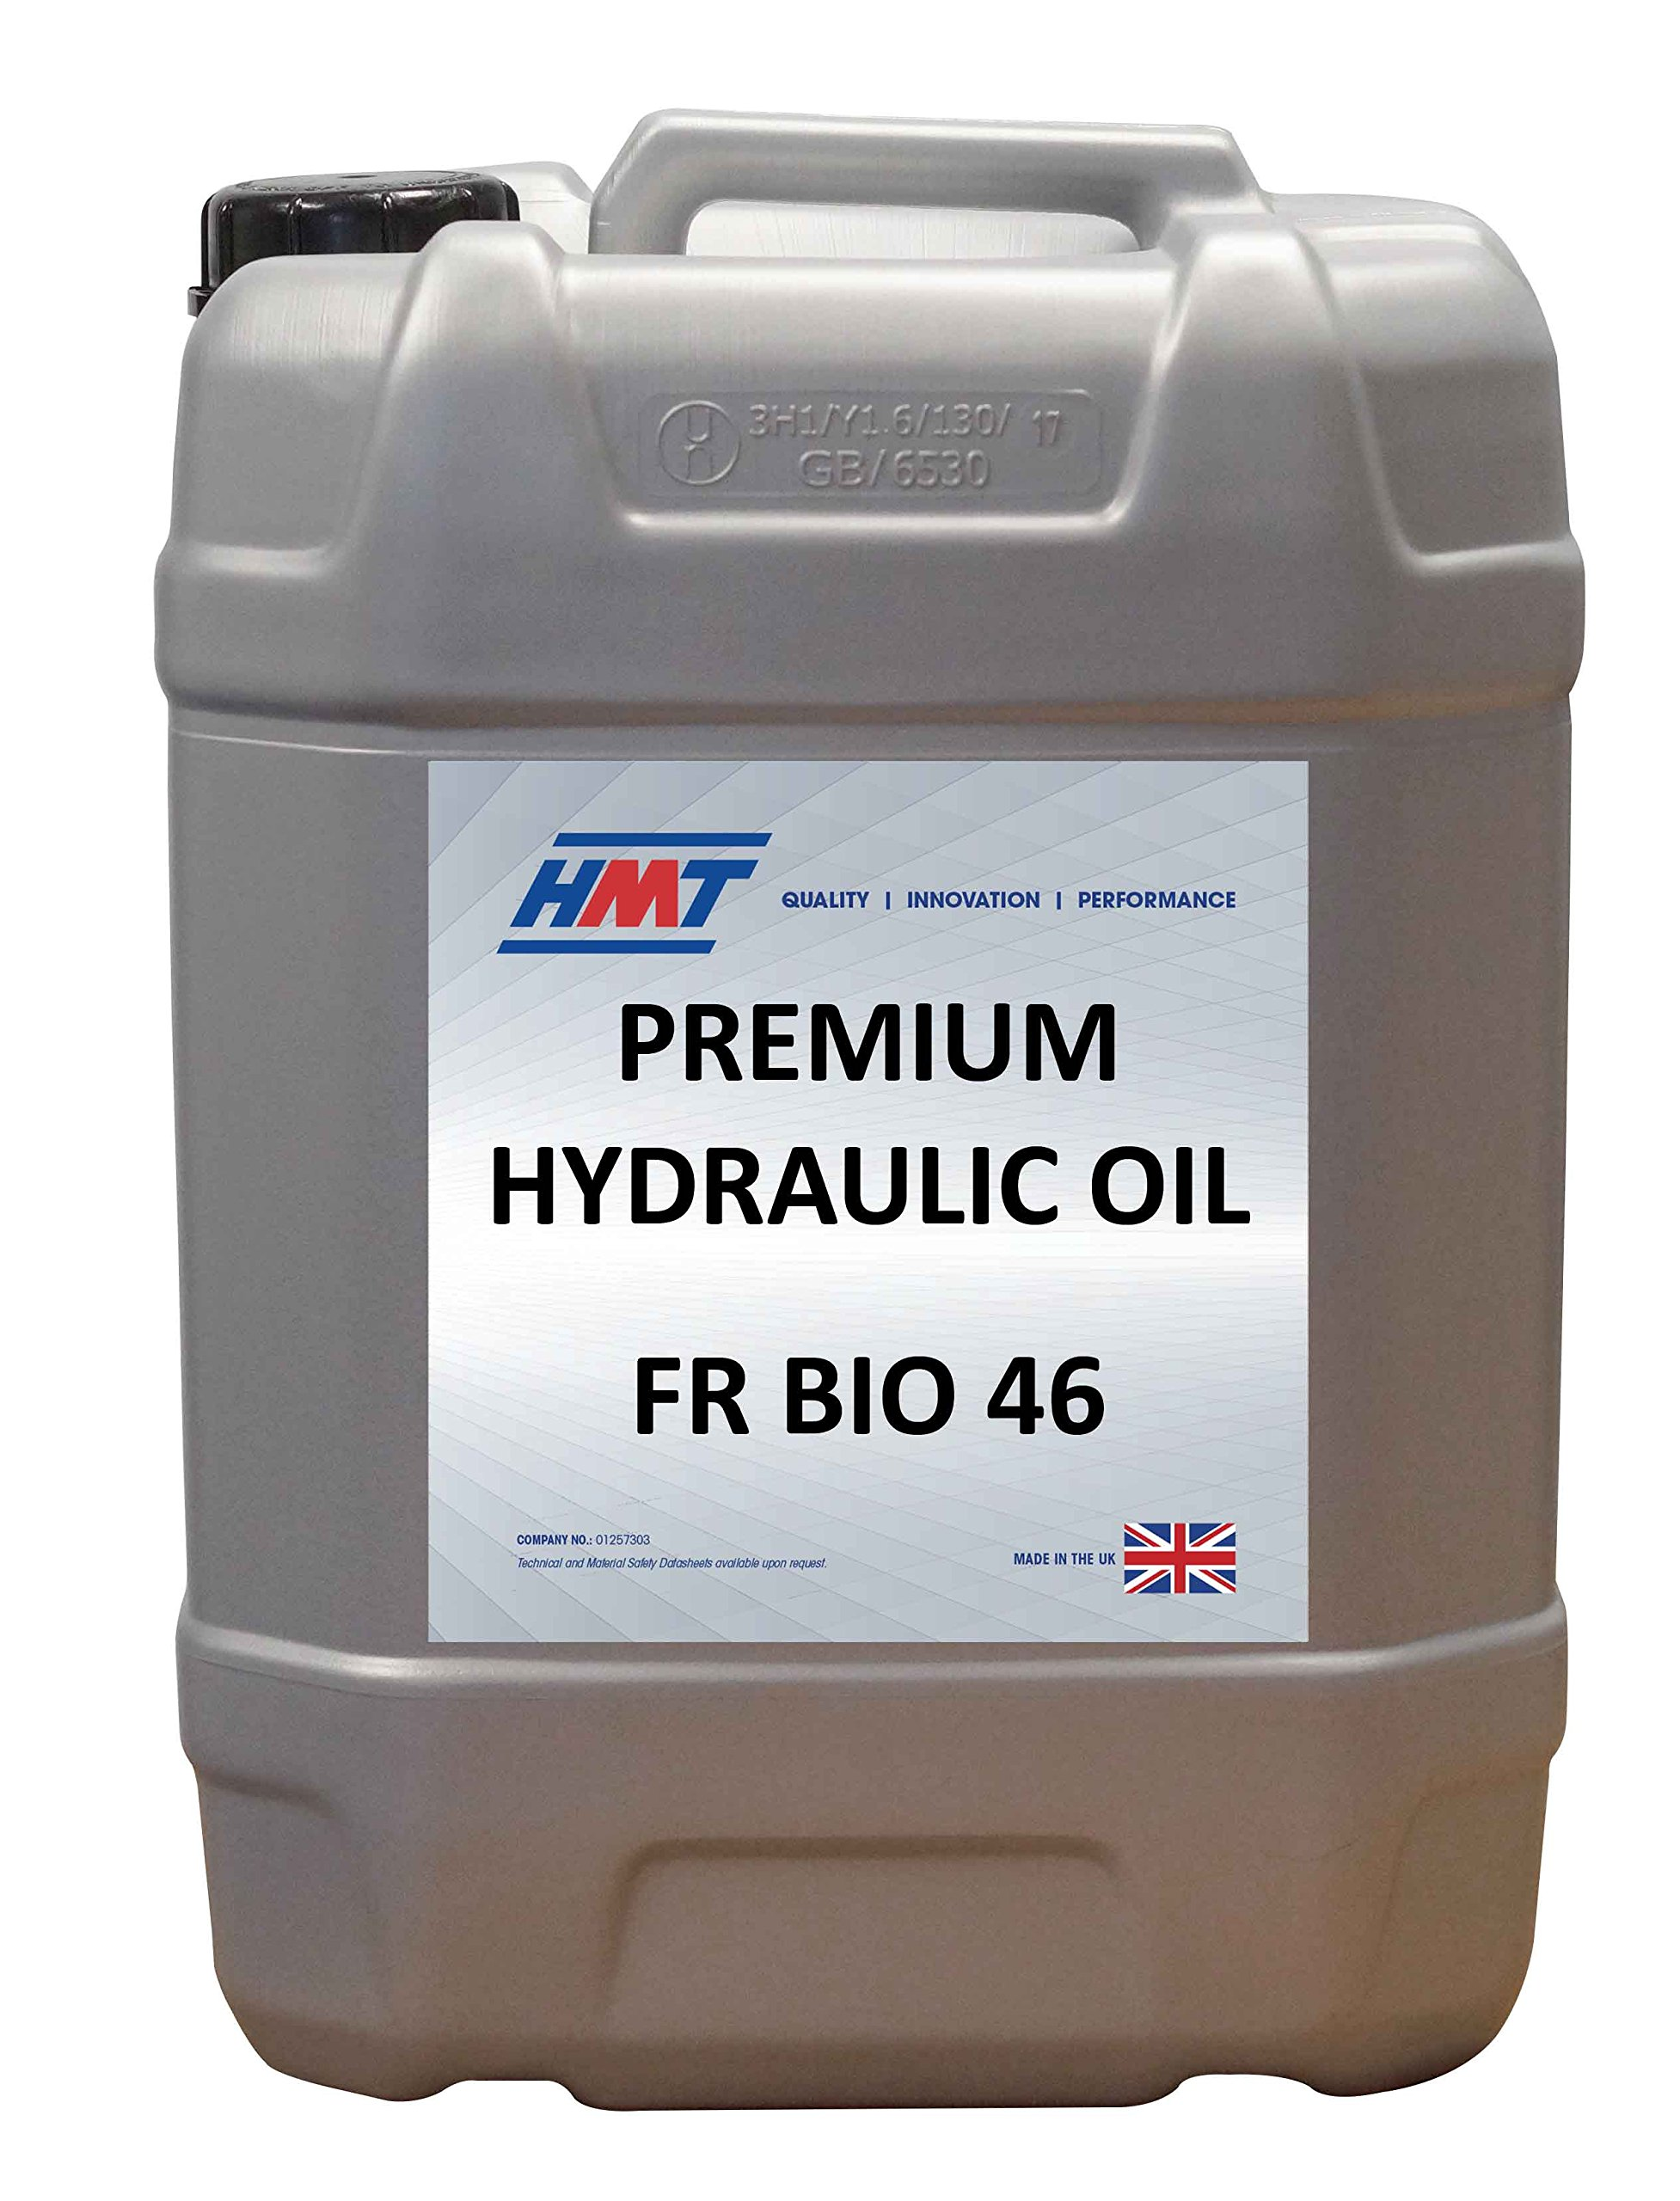 HMTH203 Premium Hydraulic Oil Fire Resistant Biodegradable 46 - 20 Litre Plastic by HMT